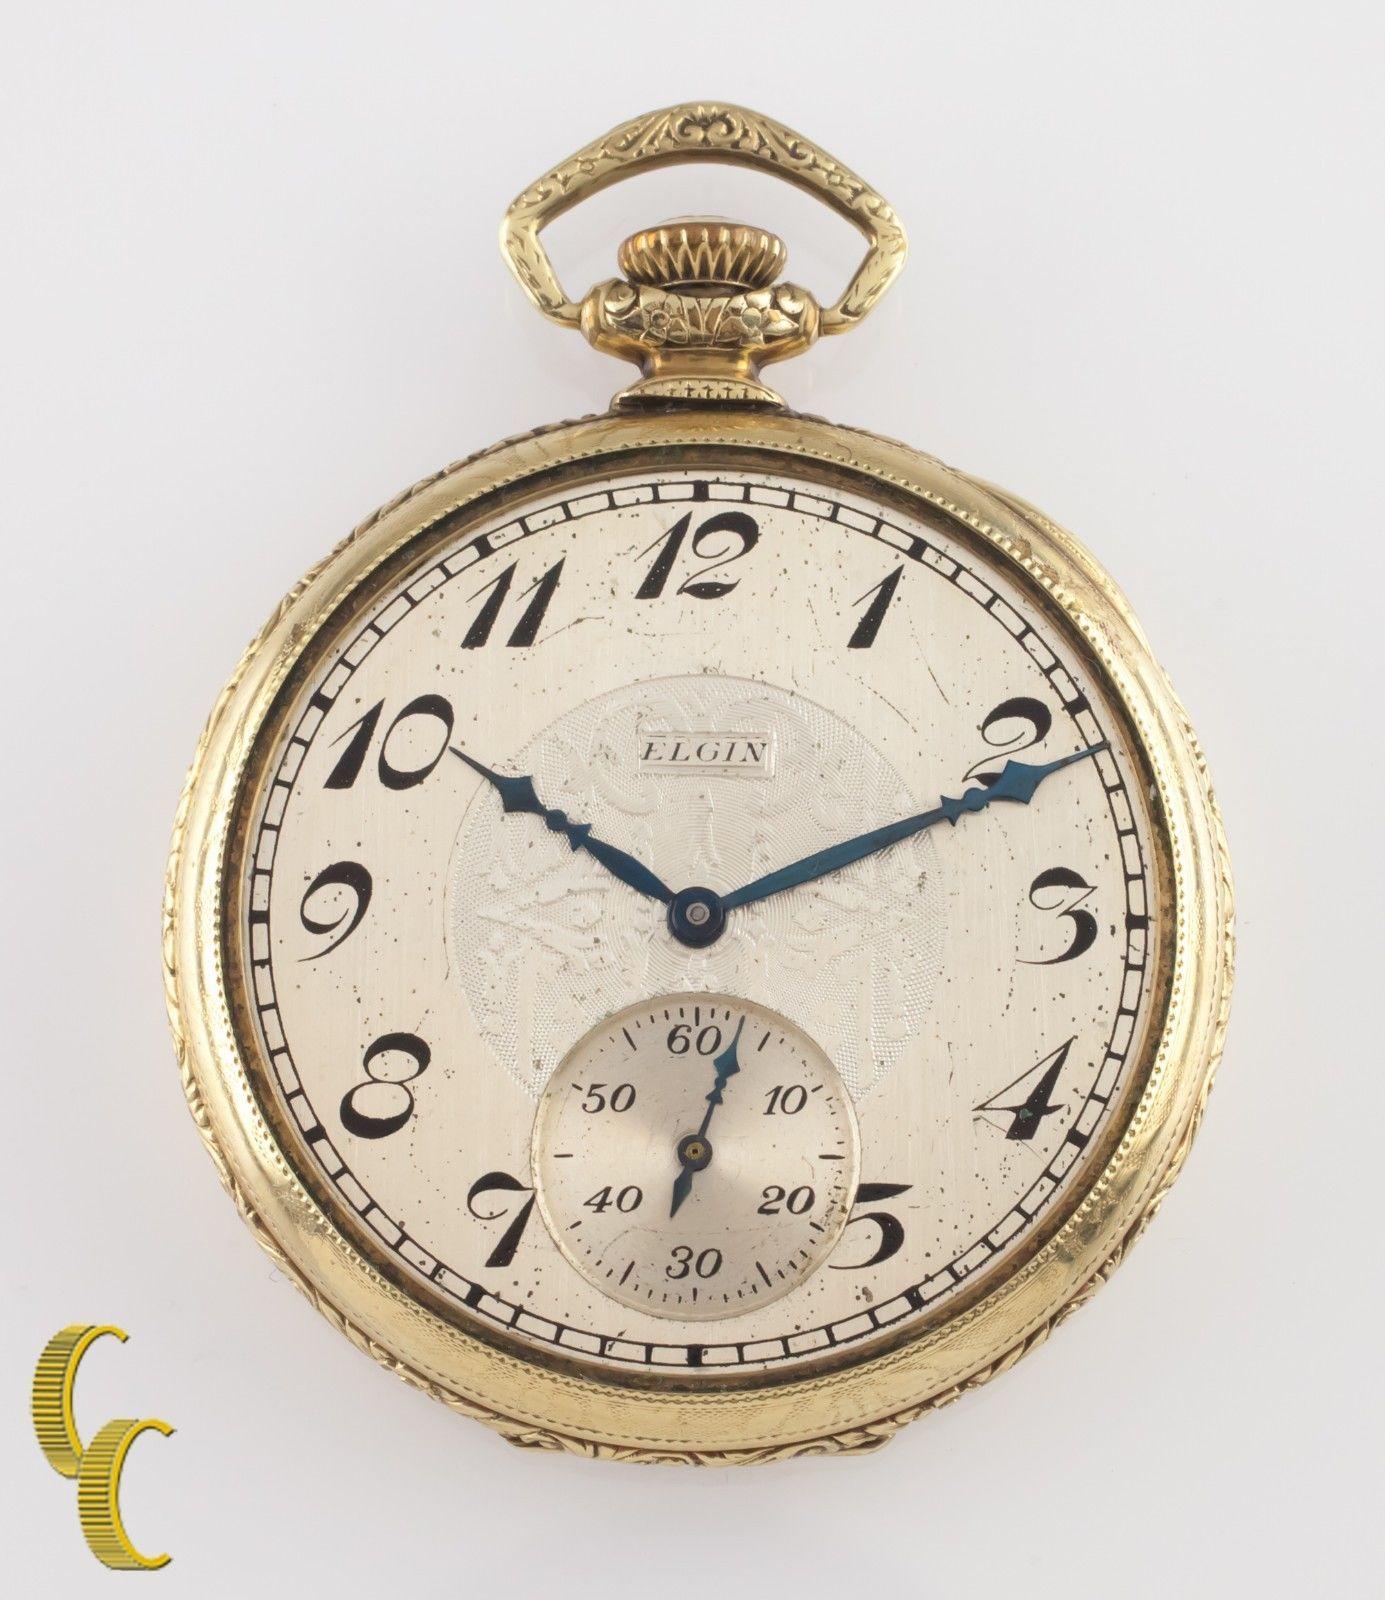 Elgin Antique Open Face Gold Filled Pocket Watch Gr 345 Size 12 17 Jewel - $519.75